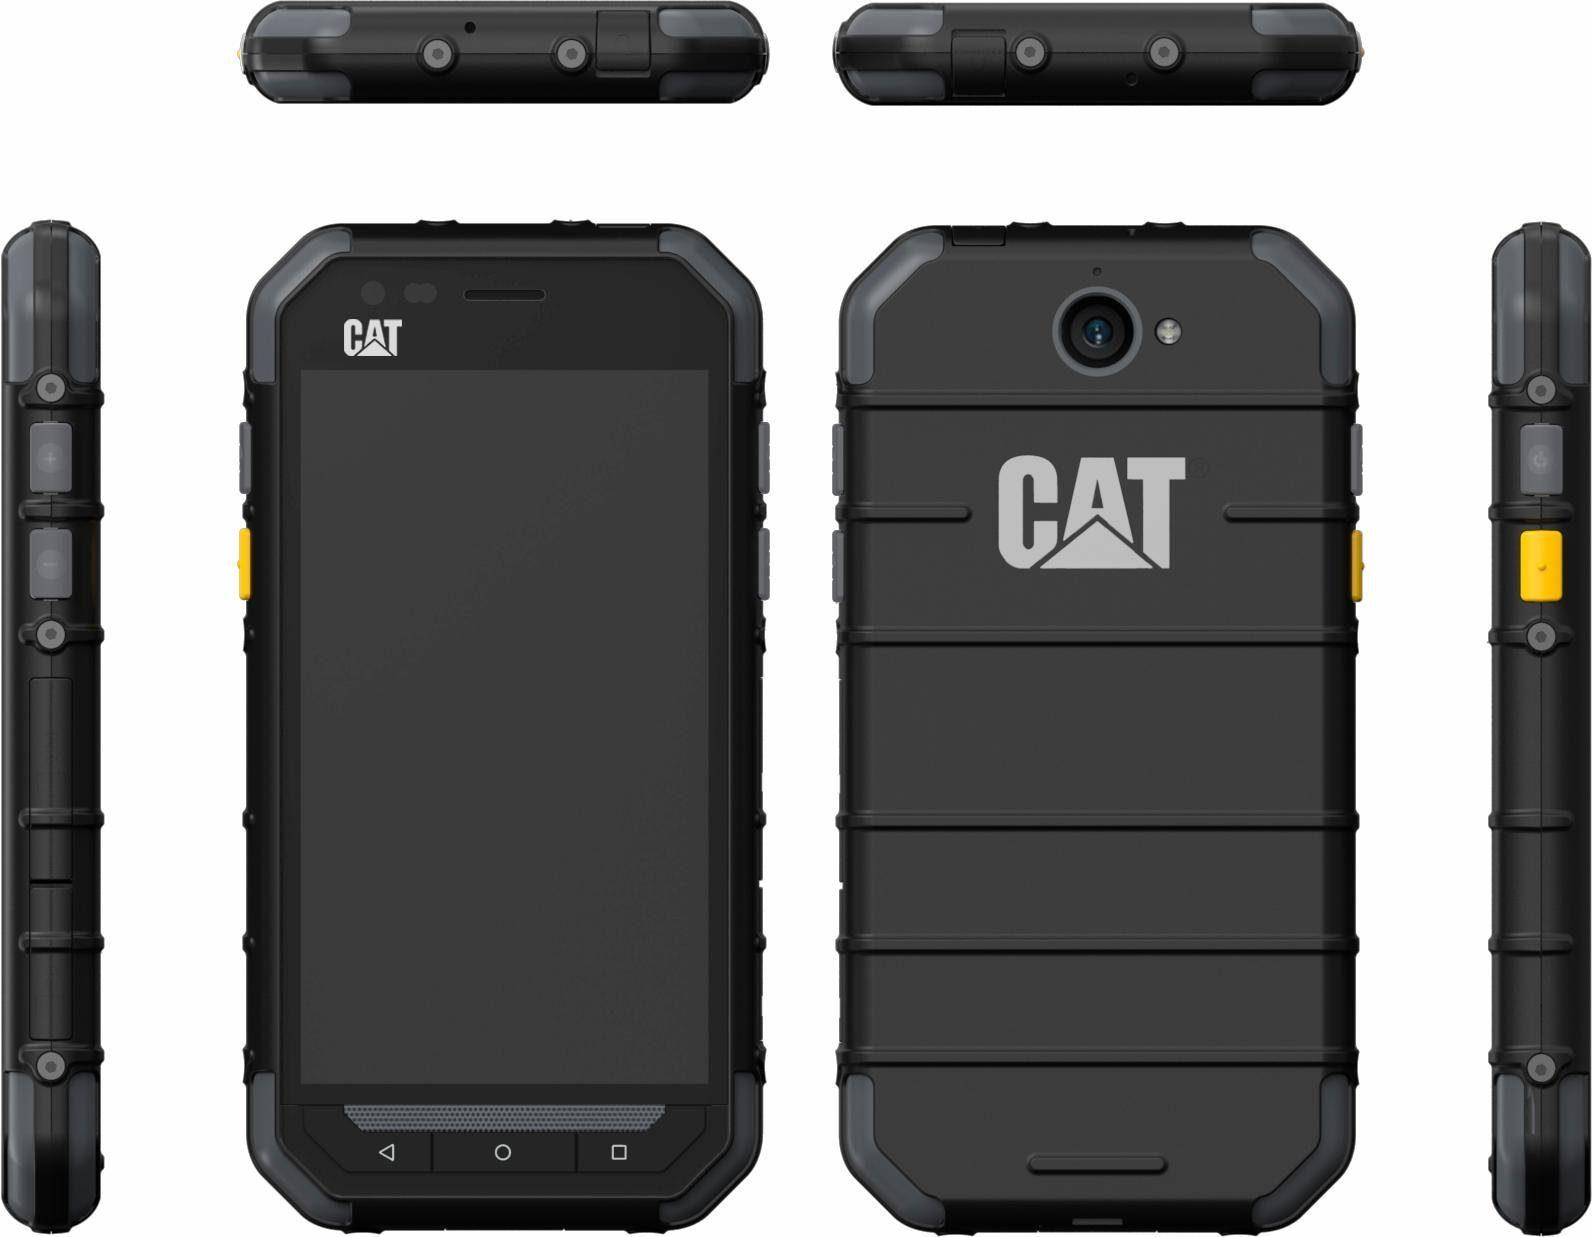 CAT S30 Outdoor-Smartphone, 11,43 cm (4,5 Zoll) Display, LTE (4G), Android 5.1 Lollipop, 5 Megapixel